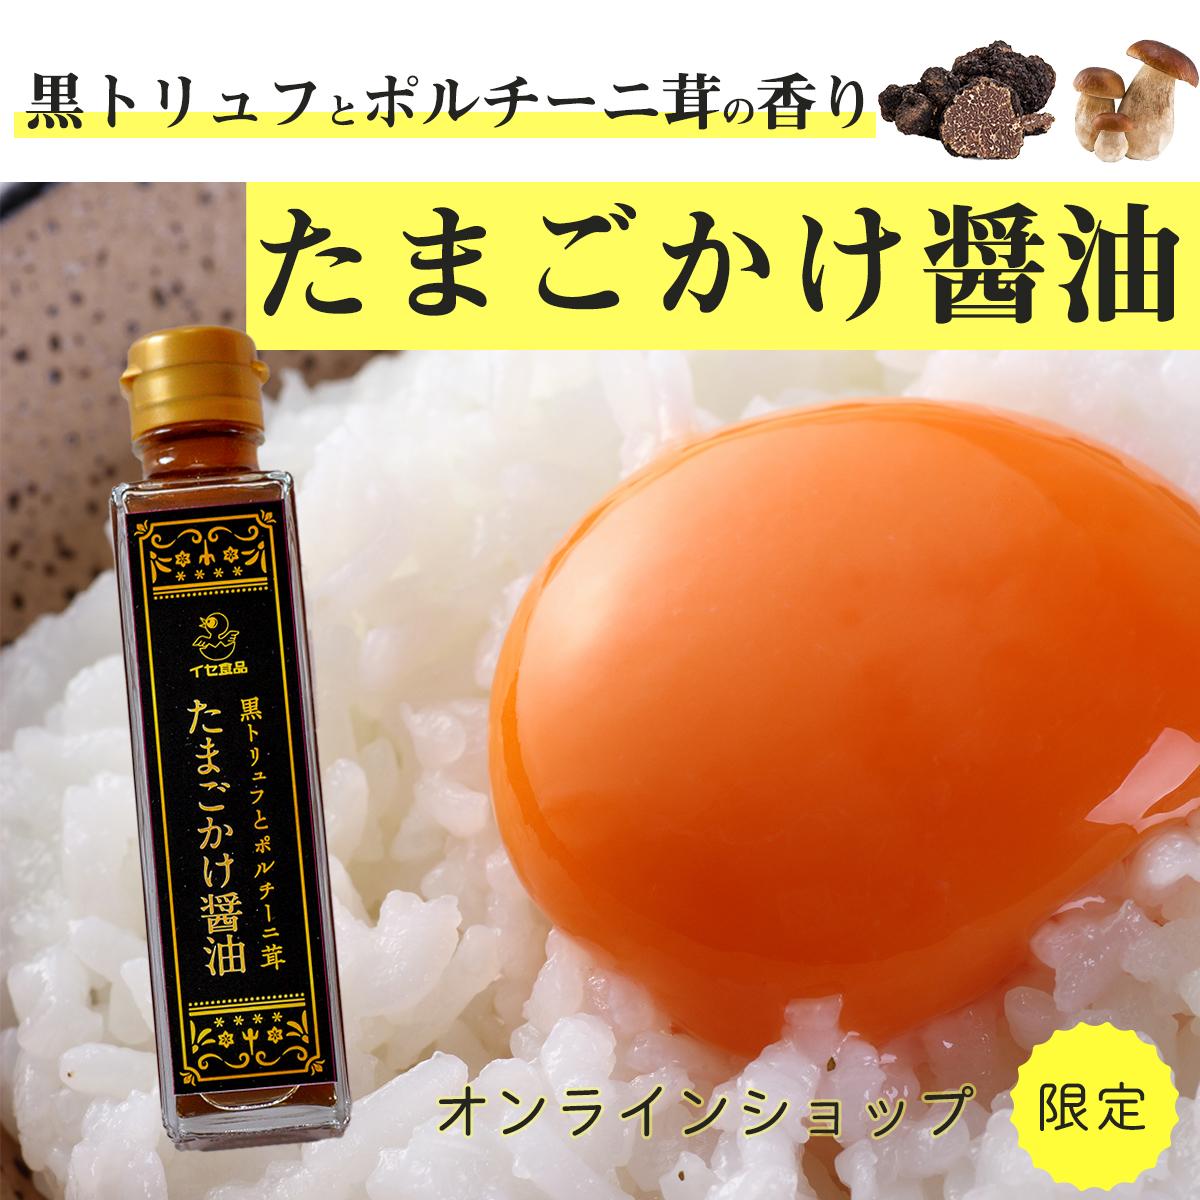 【普通のオムレツに飽きた人必見!】黒トリュフとポルチーニ茸の香りのお醤油でオムレツ